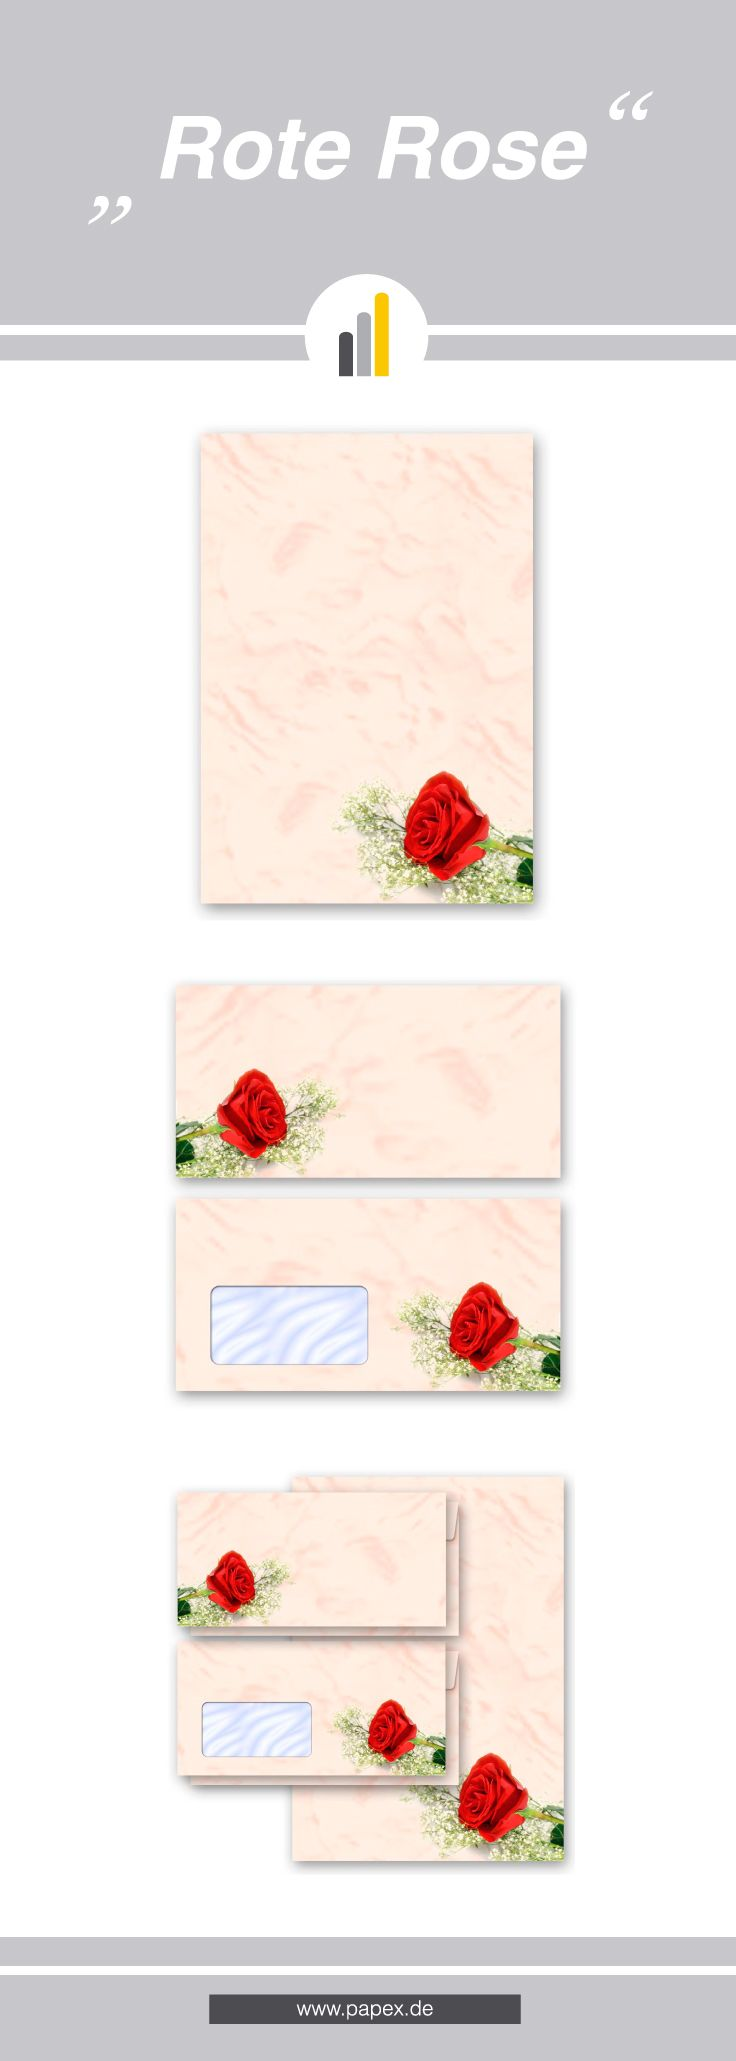 Briefpapier / Motivpapier ROTE ROSE - Sagen Sie es »durch die Blume« mit unseren variantenreichen Blütenmotiven oder Designs aus vielen anderen Themenbereichen, um einem persönlichen Schreiben den richtigen Rahmen zu verleihen. Das Verwenden Sie unsere Produkte als Werbewirksame Zielgruppenmailings, Weihnachtsgrüße, für Angebote, als Saison-Briefpapier, für Einladungen, Glückwünsche, Speisekarteneinlagen, Aktionsprogramme, Feste, als Aushang im Schaufenster und für weitere tausend Anlässe.